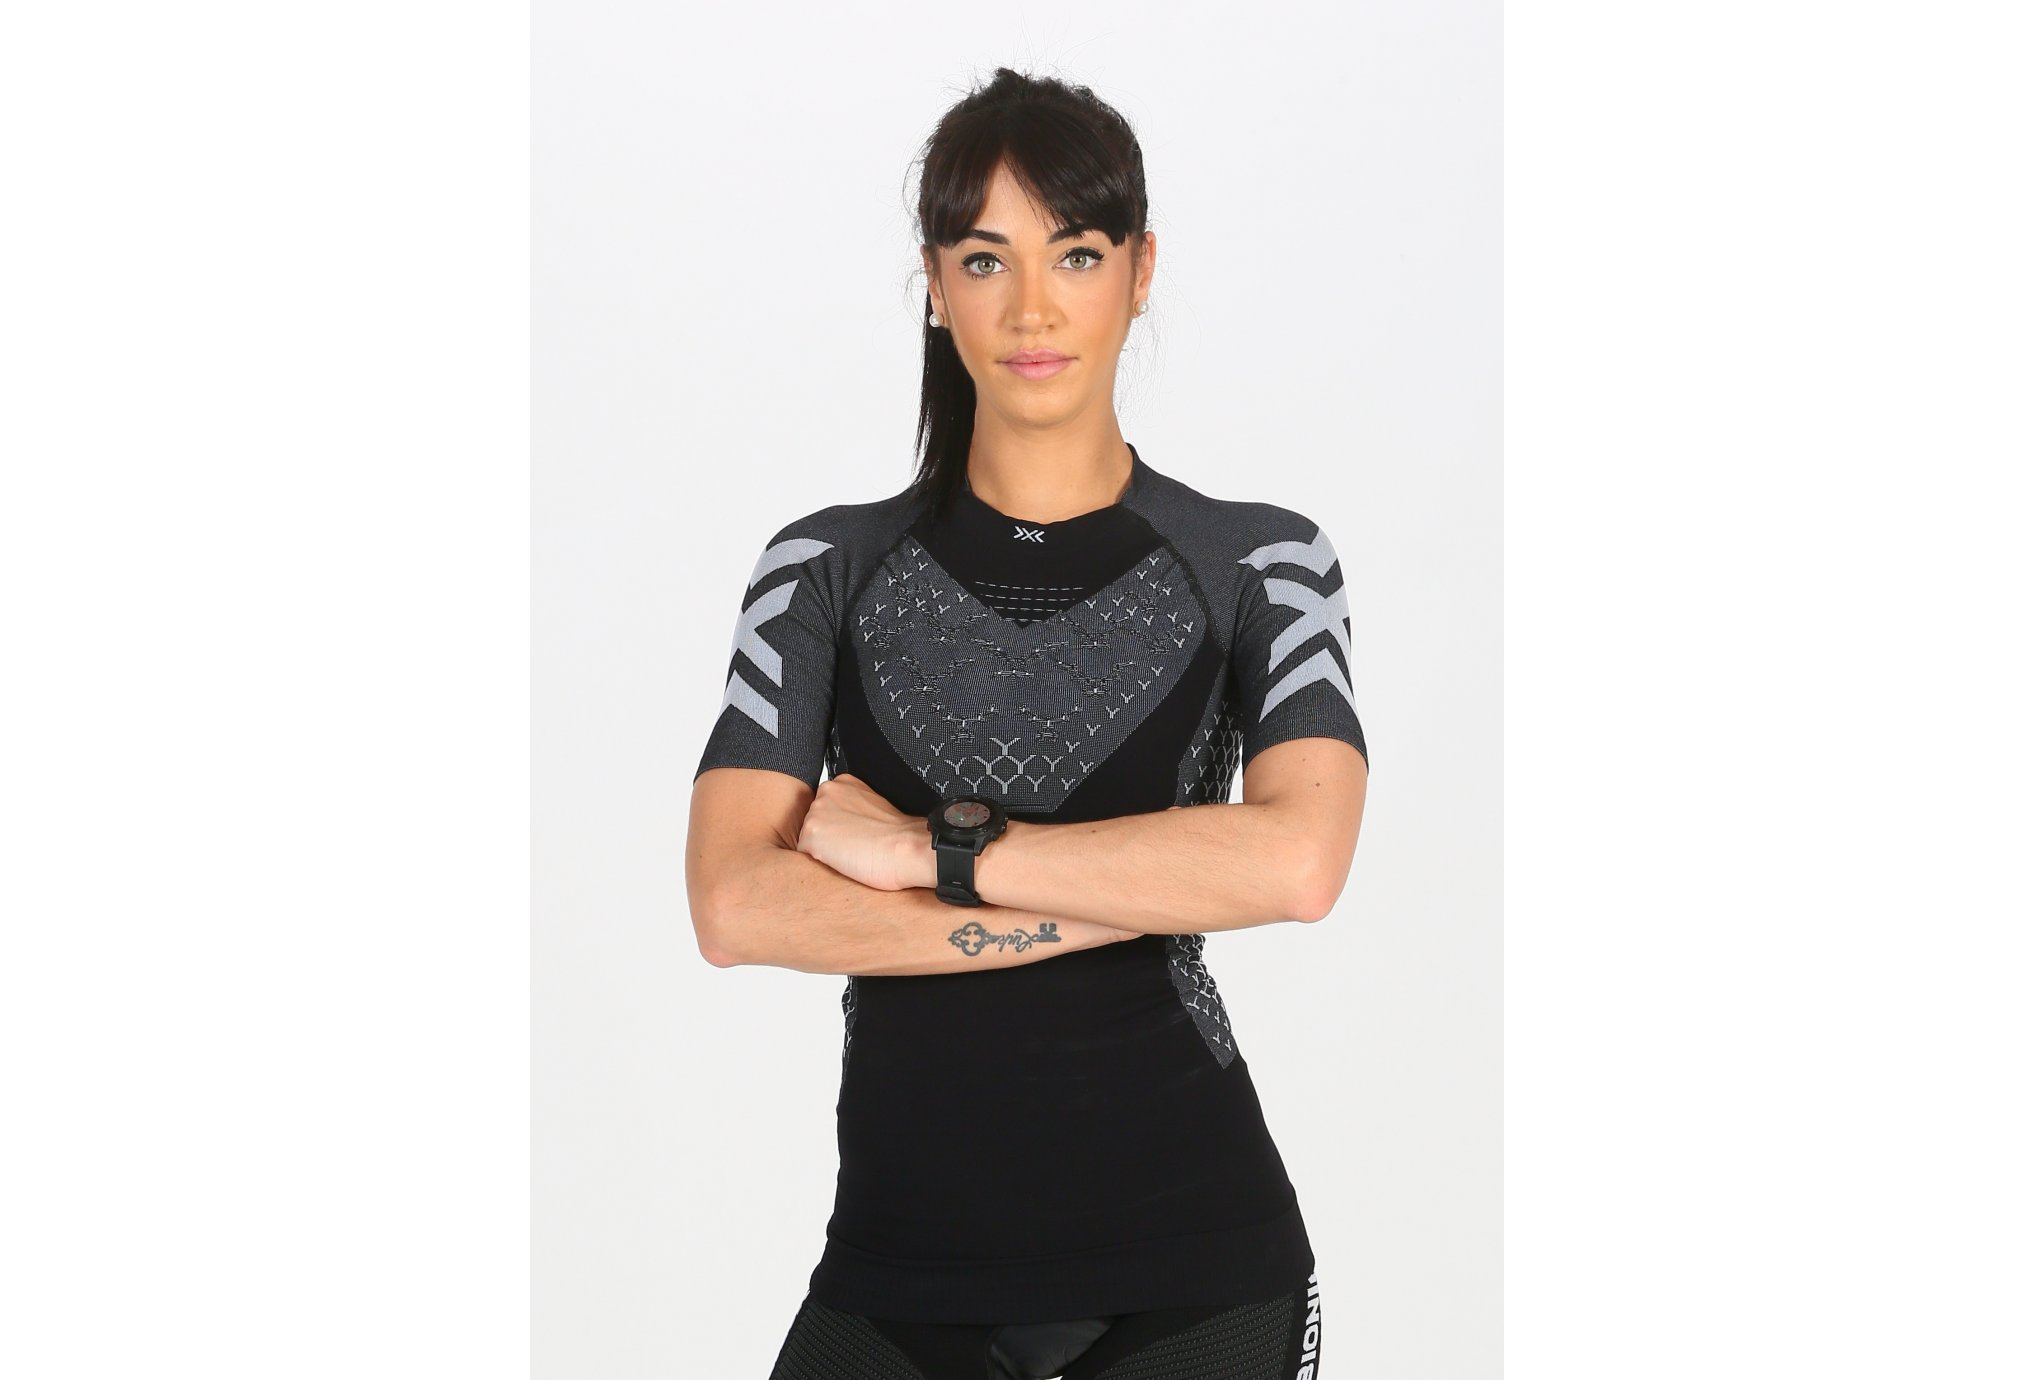 X-Bionic Twyce 4.0 W Diététique Vêtements femme